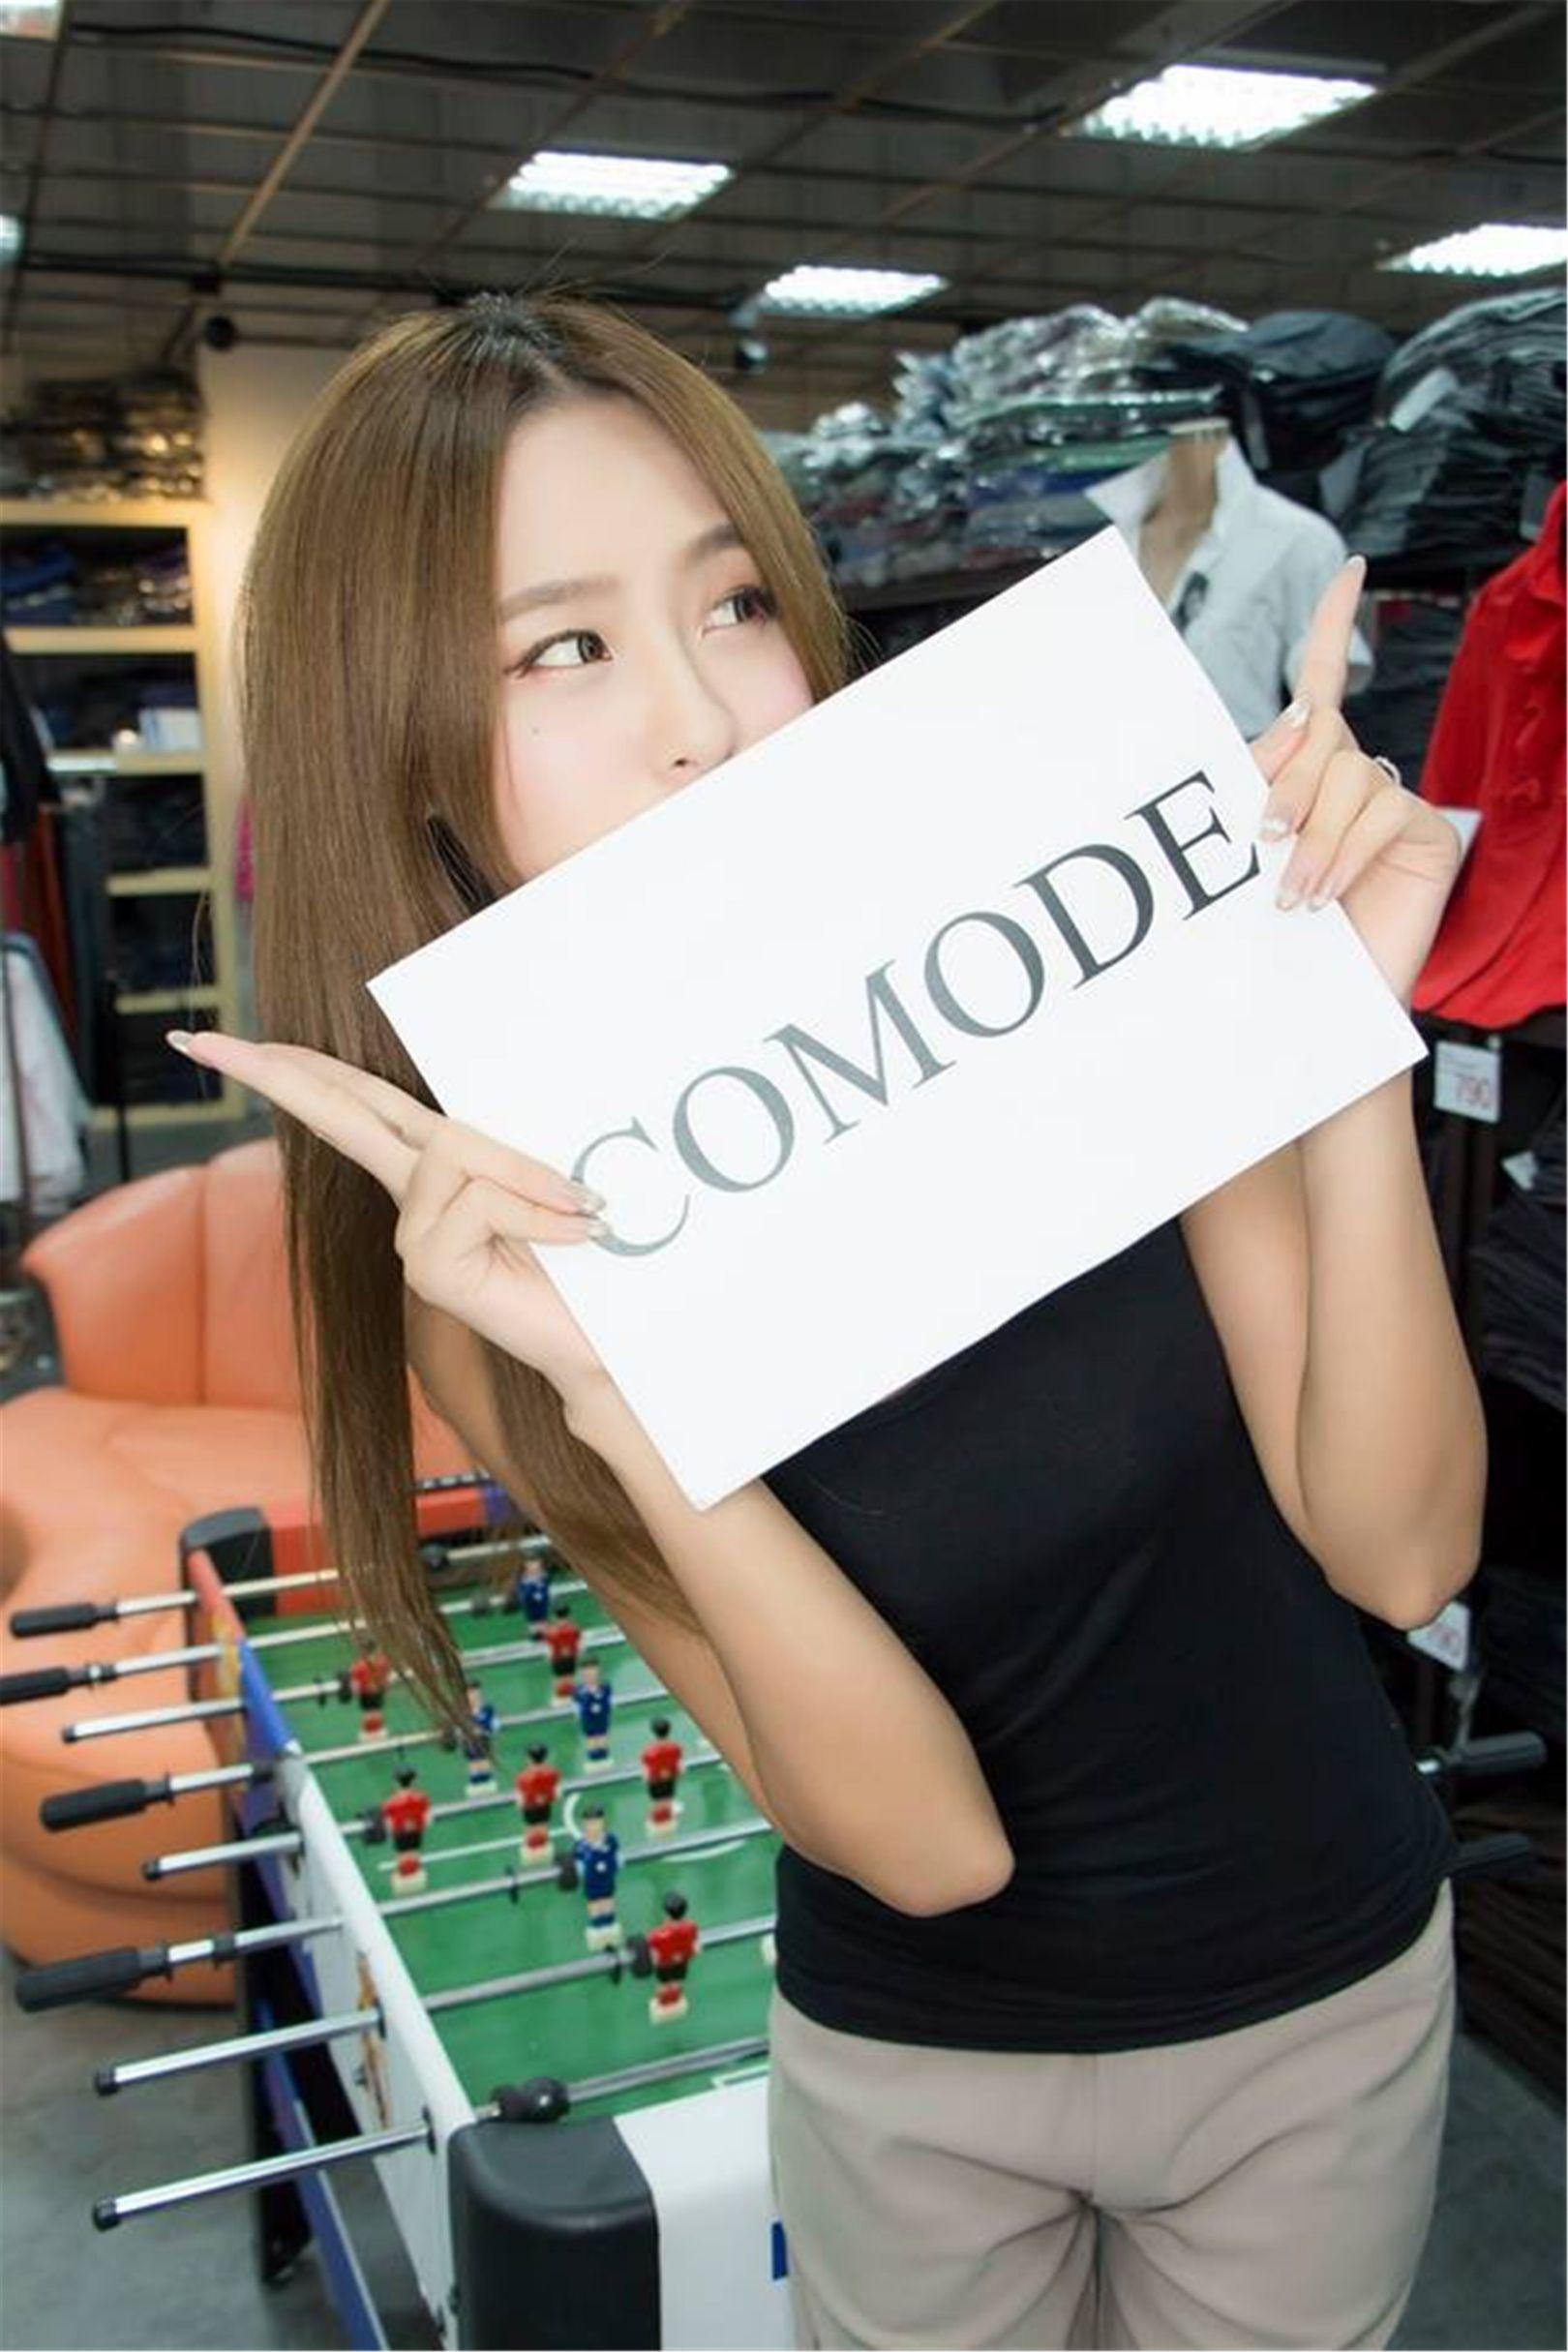 台湾女神Winnie小雪 - Comodel 开业摄影套图